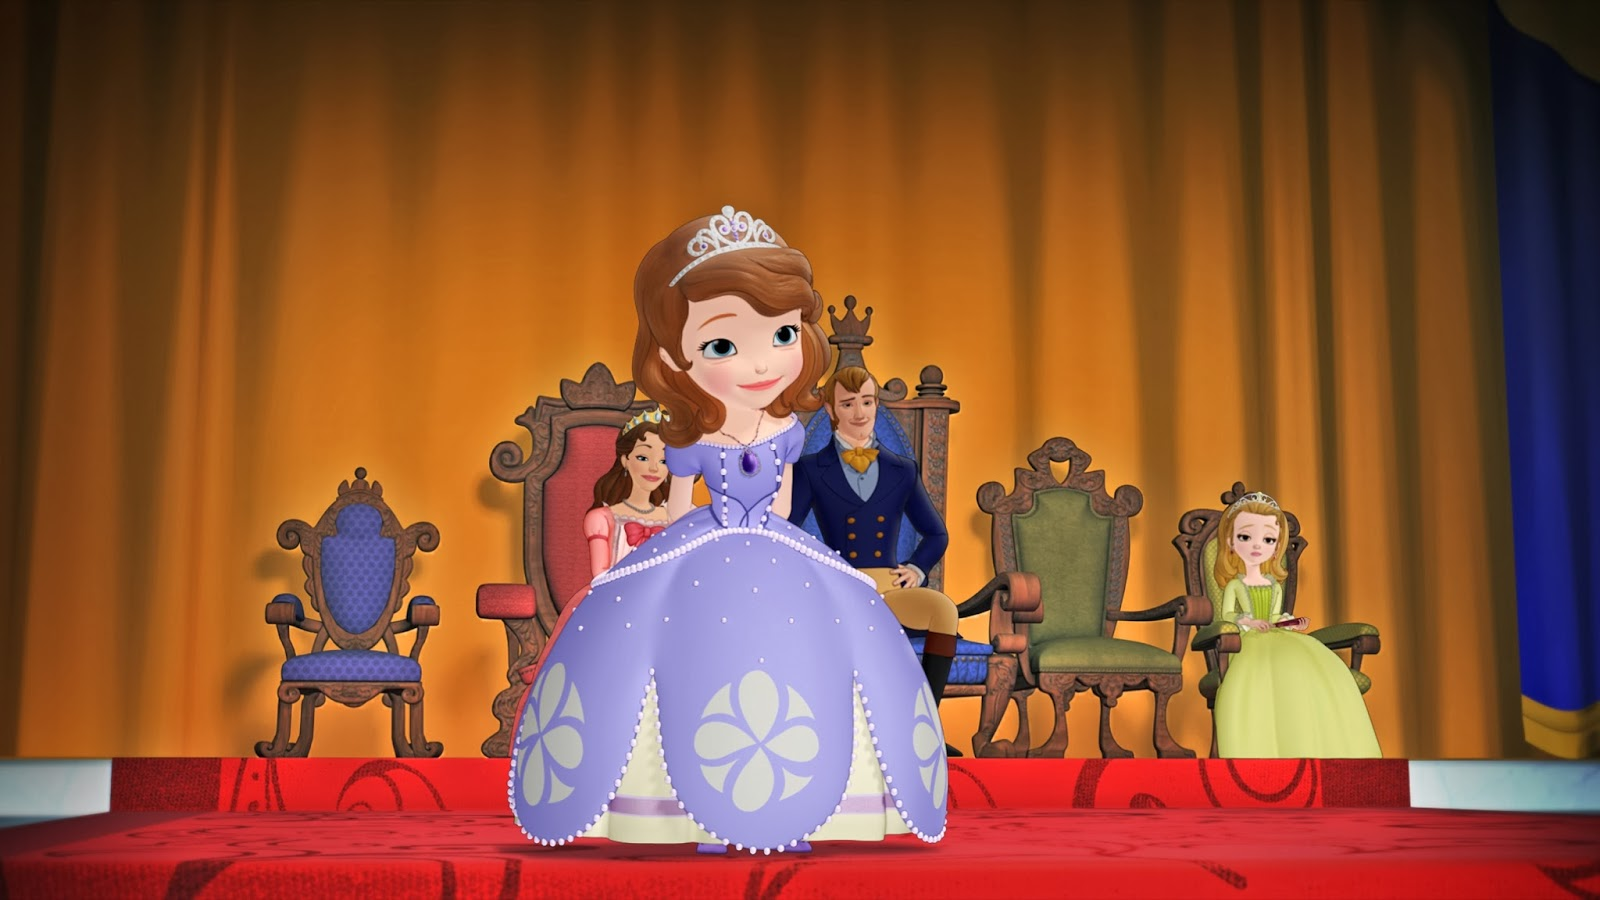 Sofia First Princess